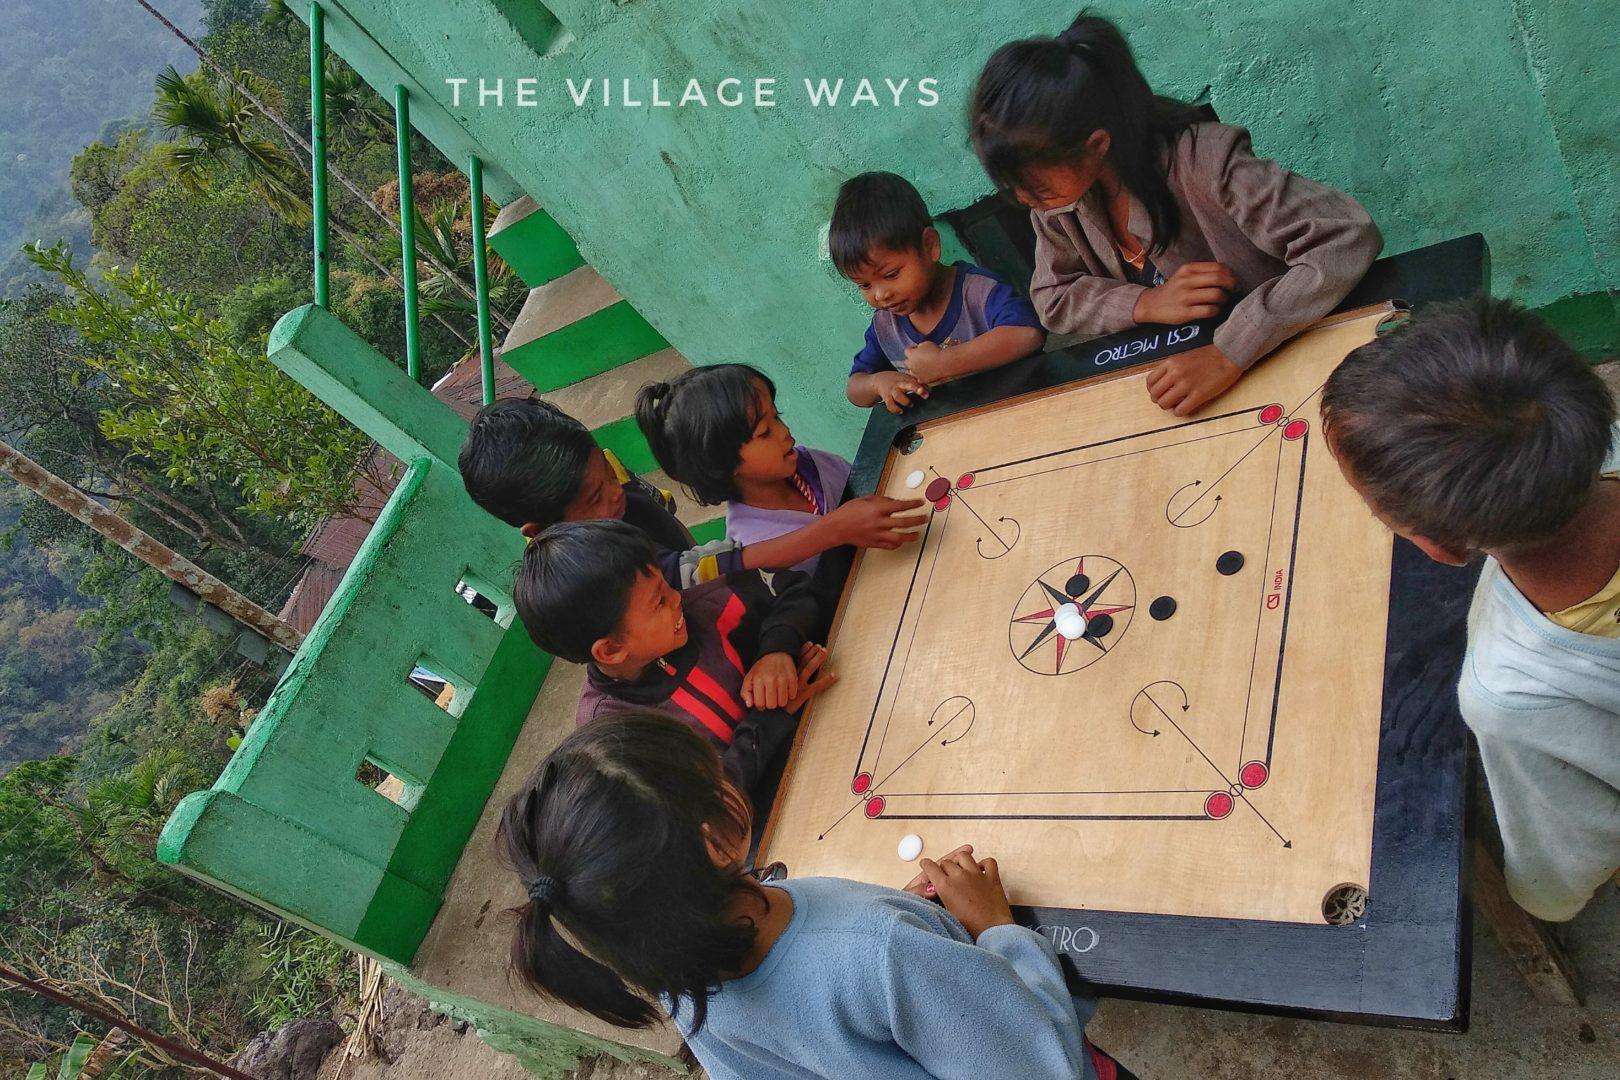 Village life in Nongriat